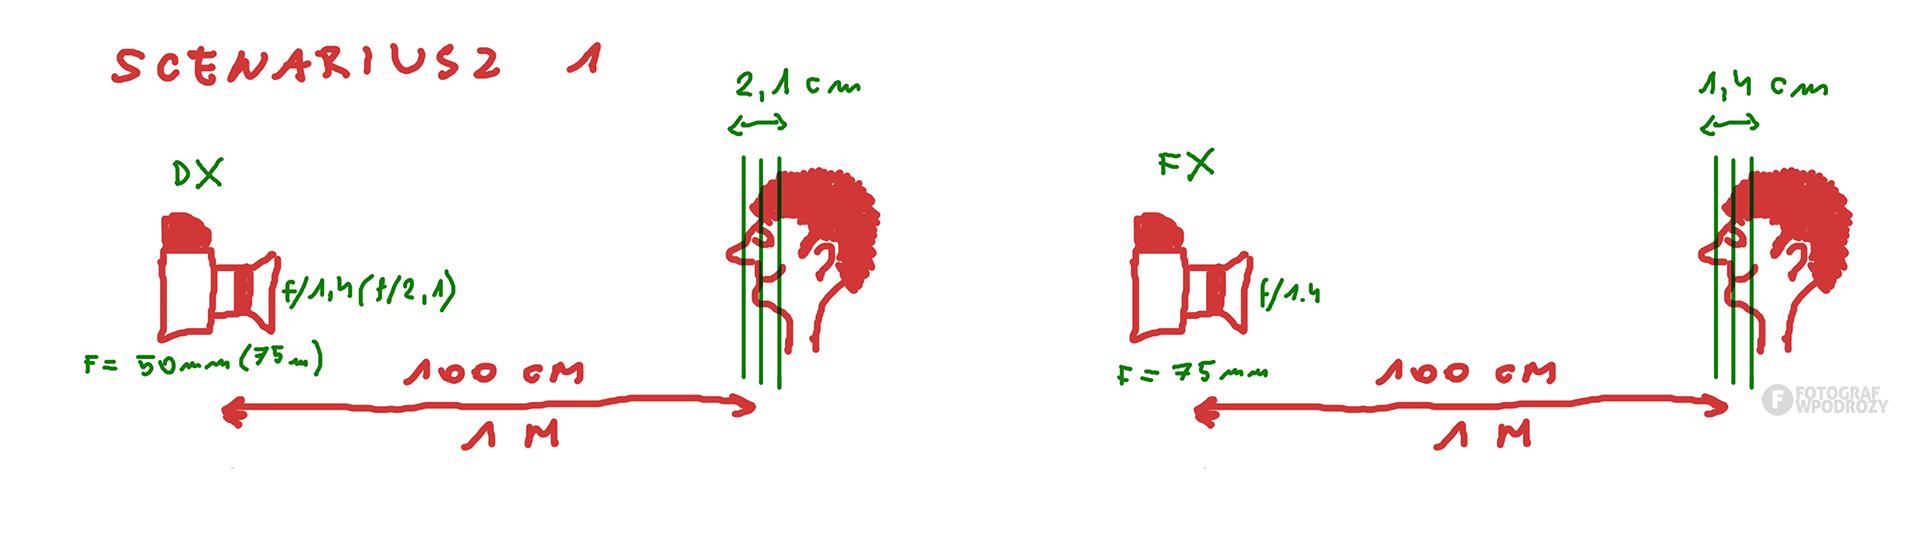 Wielkość matrycy a głębia ostrości DX FX